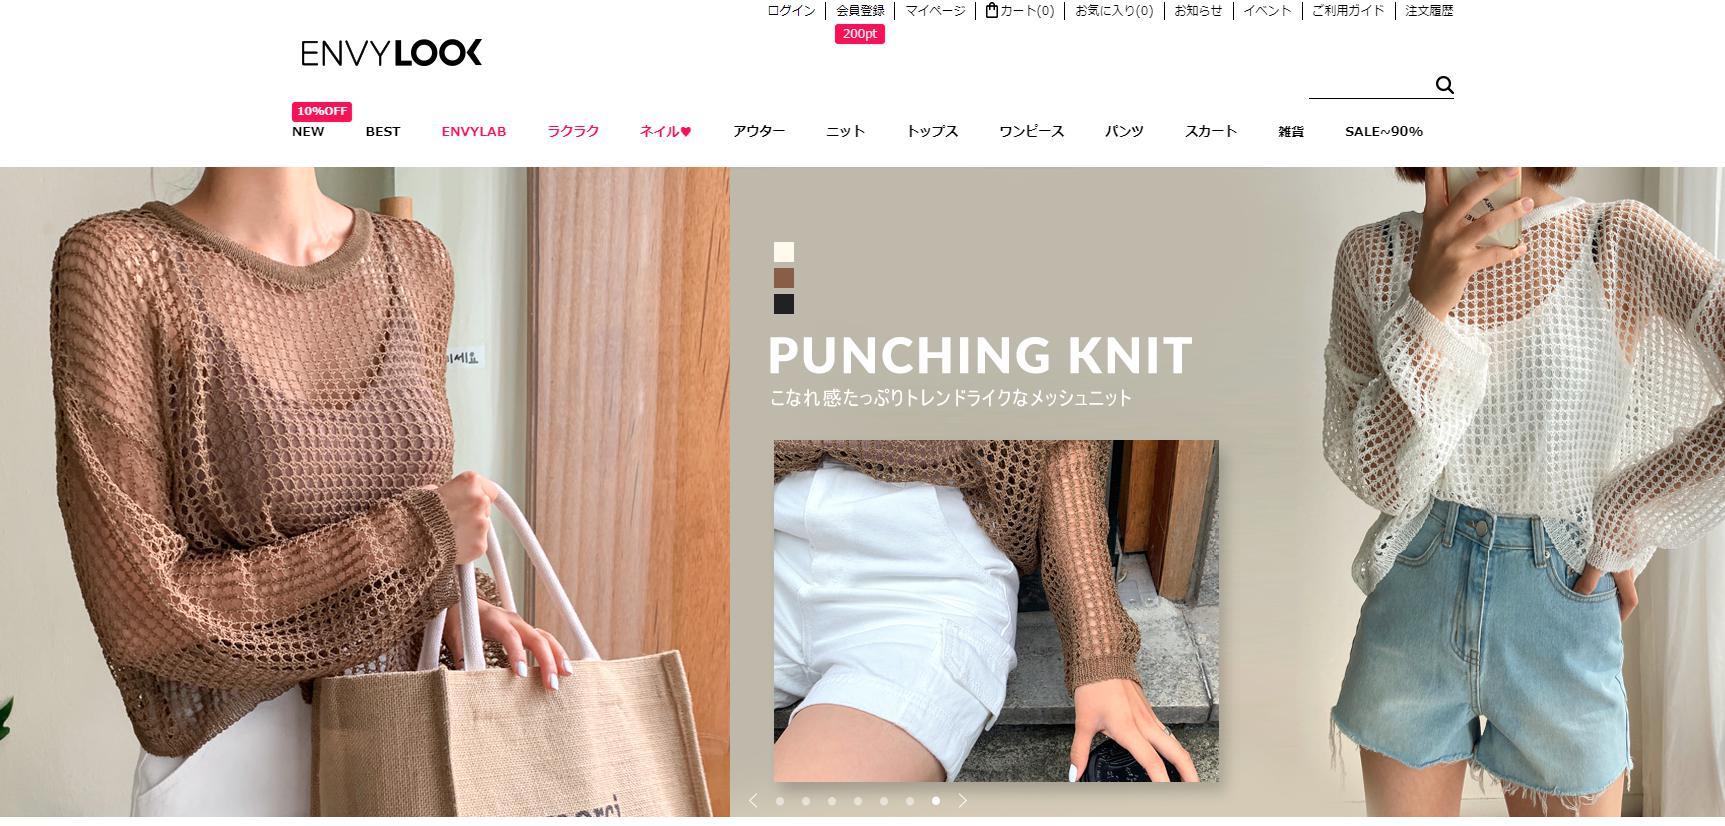 大人かわいいが揃うおすすめ通販サイトENVYLOOKのサイトトップ画面のキャプチャ画像